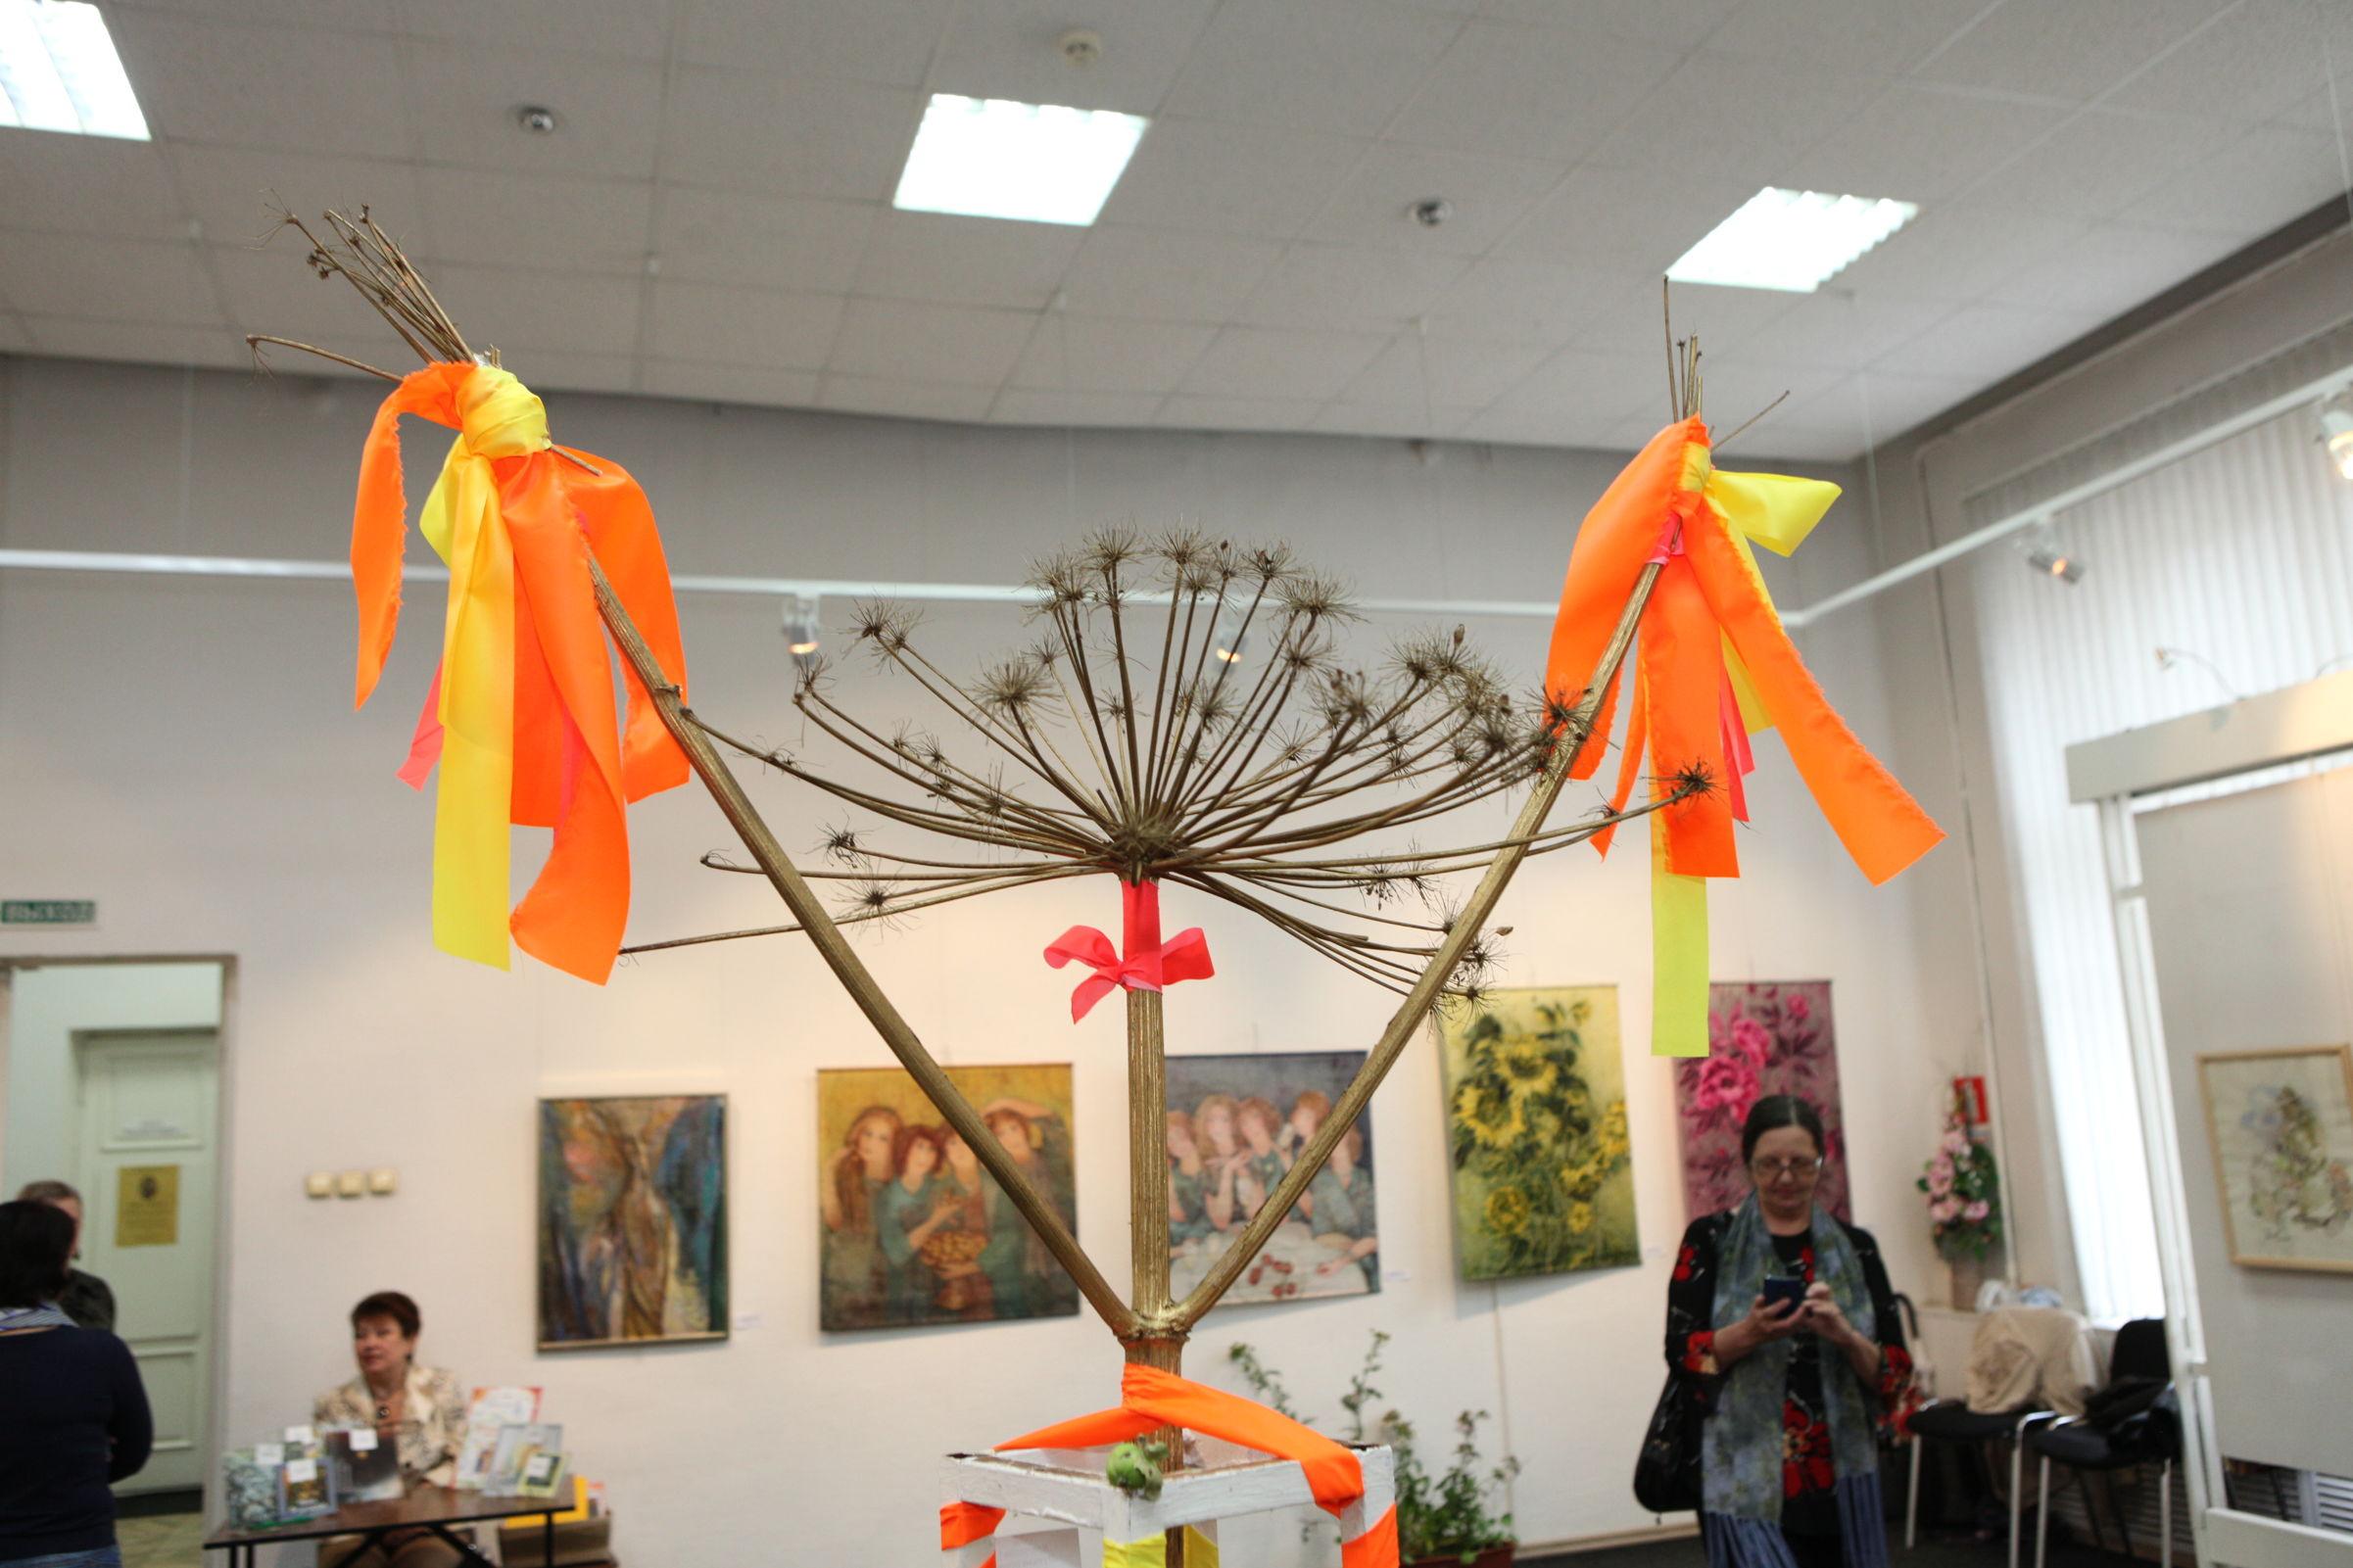 Ангелы и злодеи нашего сада. В Ярославле открылась выставка «О'город» – фото